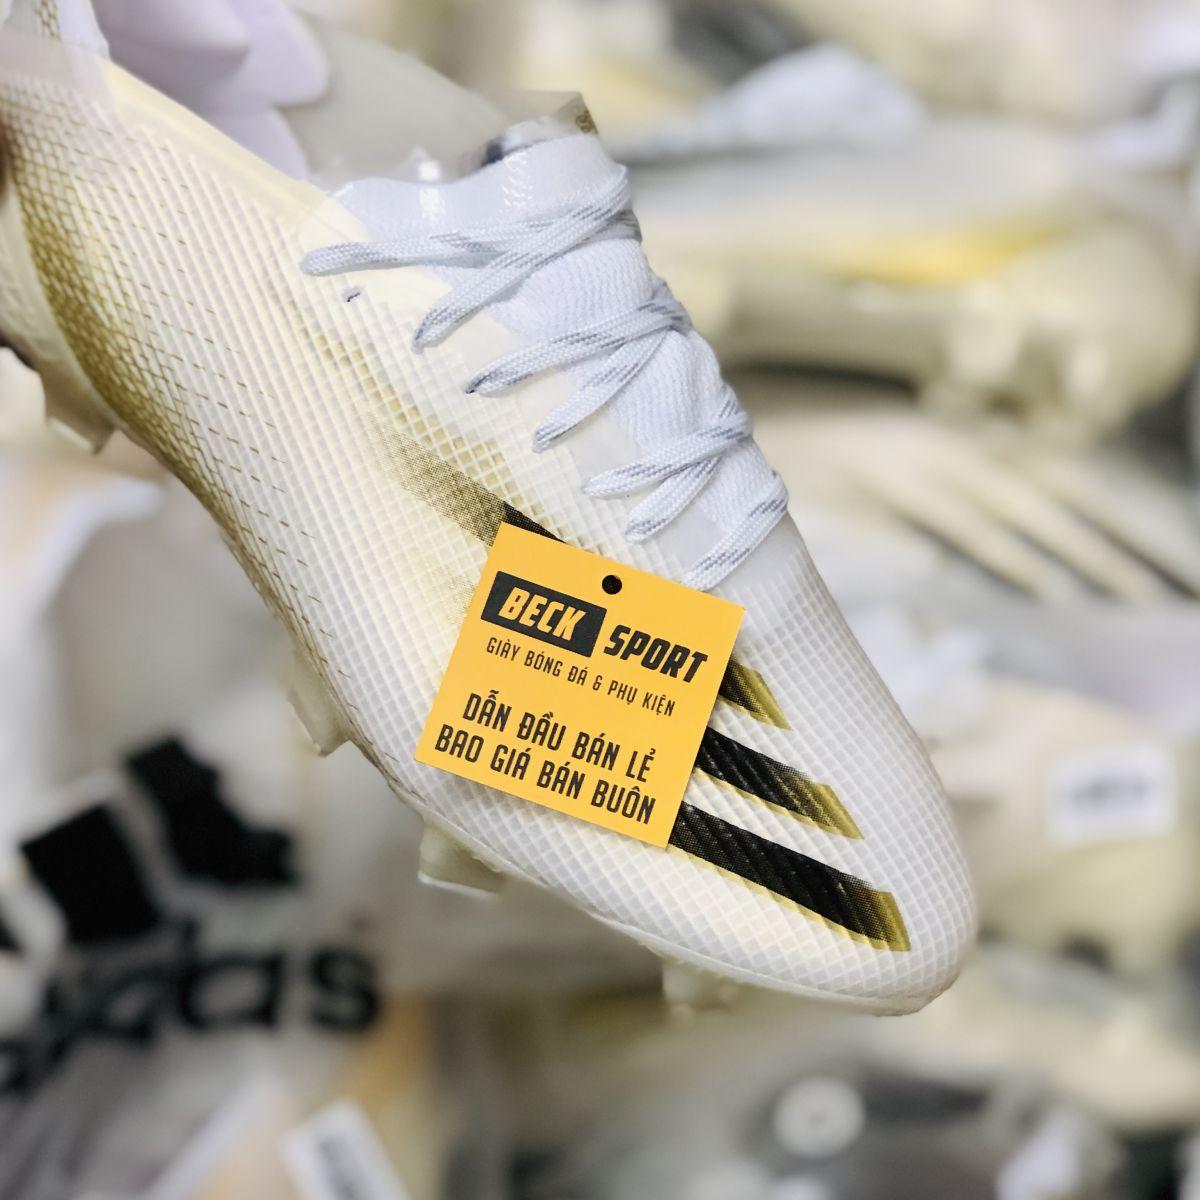 Giày Bóng Đá Adidas X Ghosted.1 Trắng Vàng Vạch Đen V2 FG